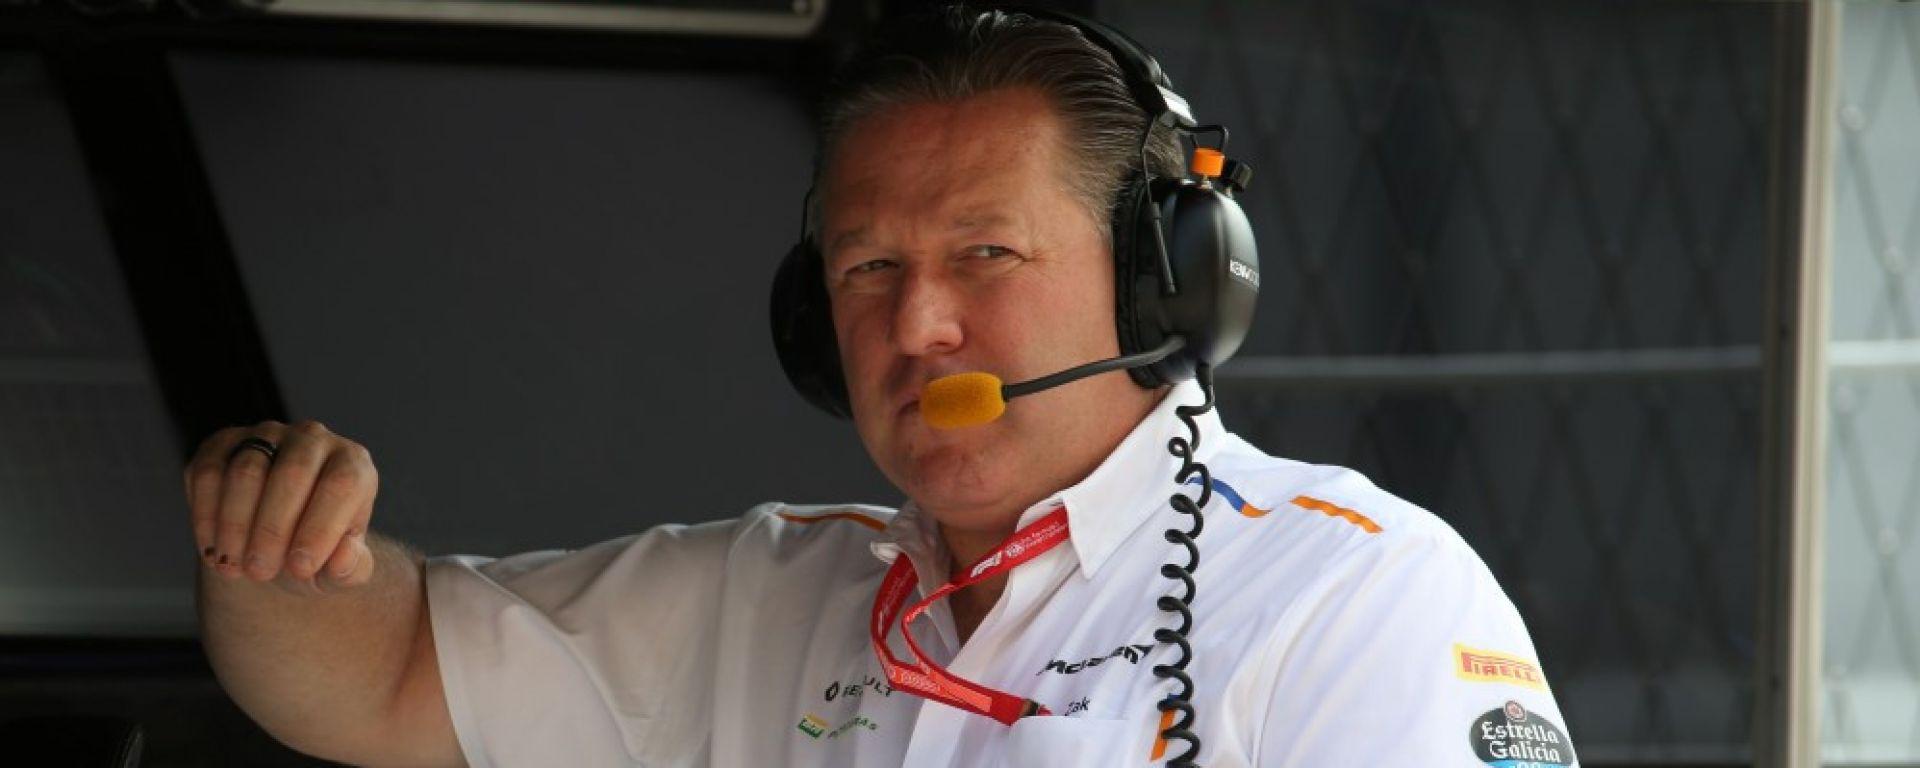 F1 2019: Zak Brown, CEO McLaren